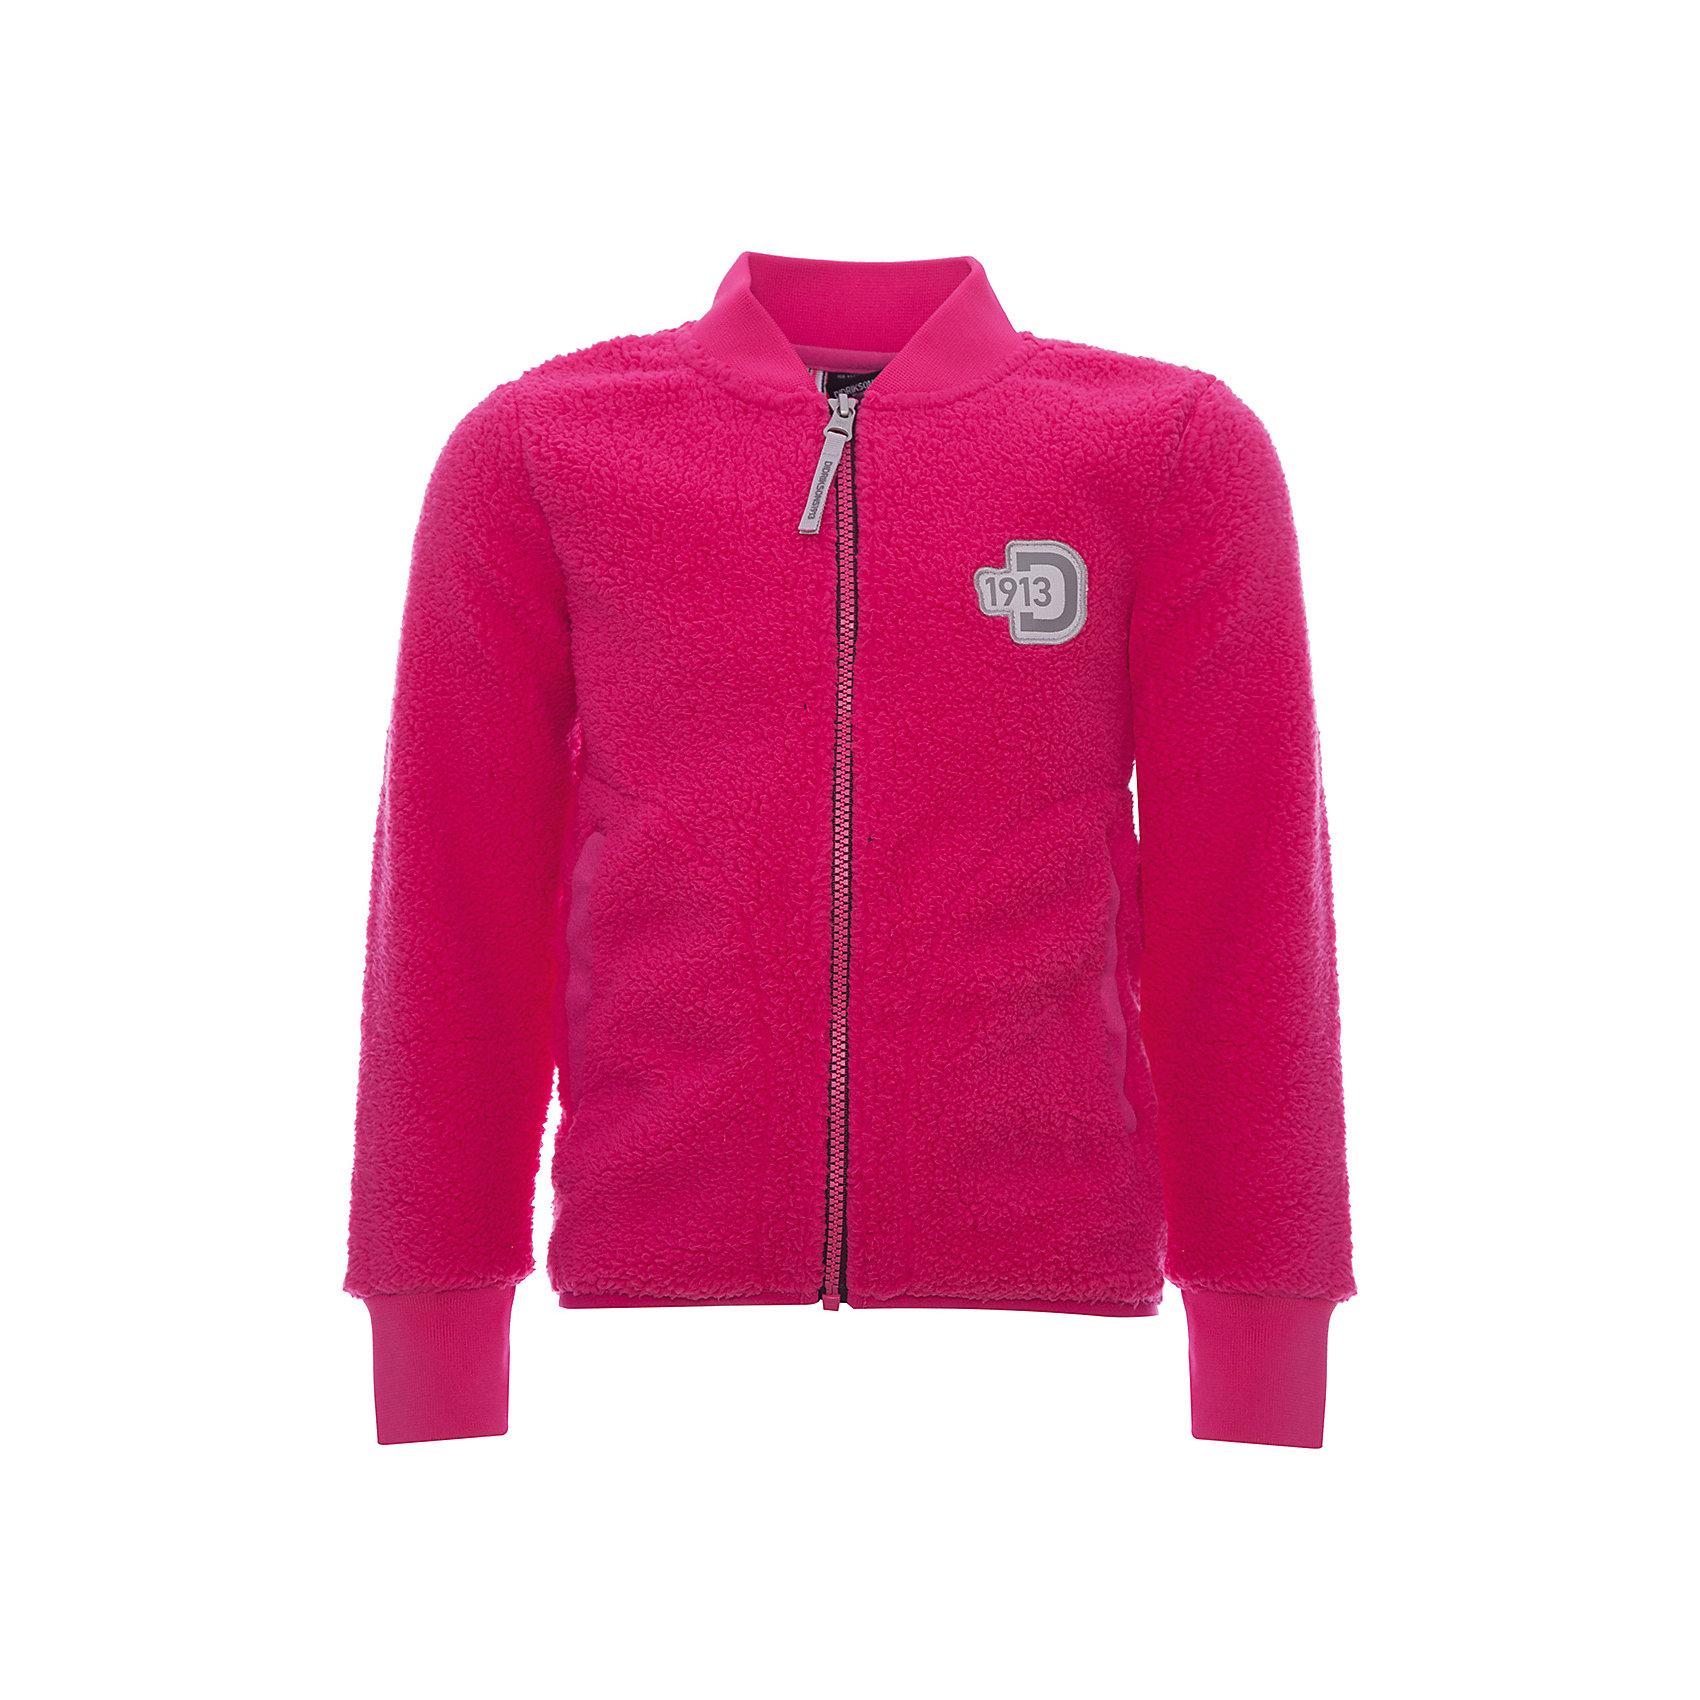 Куртка ORSA DIDRIKSONS для девочкиВерхняя одежда<br>Характеристики товара:<br><br>• цвет: фуксия<br>• состав ткани: 100% полиэстер (флис)<br>• утеплитель: нет<br>• сезон: демисезон<br>• теплоизоляционная<br>• застежка: молния<br>• страна бренда: Швеция<br>• страна изготовитель: Китай<br><br>Приятная на ощупь детская куртка обладает хорошими теплоизоляционными свойствами. Мягкая детская куртка может надеваться под верхнюю одежду для дополнительного утепления. Флисовая детская куртка легко надевается благодаря продуманному крою. Такая куртка для ребенка отличается комфортной посадкой. <br><br>Куртку для девочки Orsa Didriksons (Дидриксонс) можно купить в нашем интернет-магазине.<br><br>Ширина мм: 356<br>Глубина мм: 10<br>Высота мм: 245<br>Вес г: 519<br>Цвет: розовый<br>Возраст от месяцев: 108<br>Возраст до месяцев: 120<br>Пол: Женский<br>Возраст: Детский<br>Размер: 140,80,90,100,110,120,130<br>SKU: 7045306